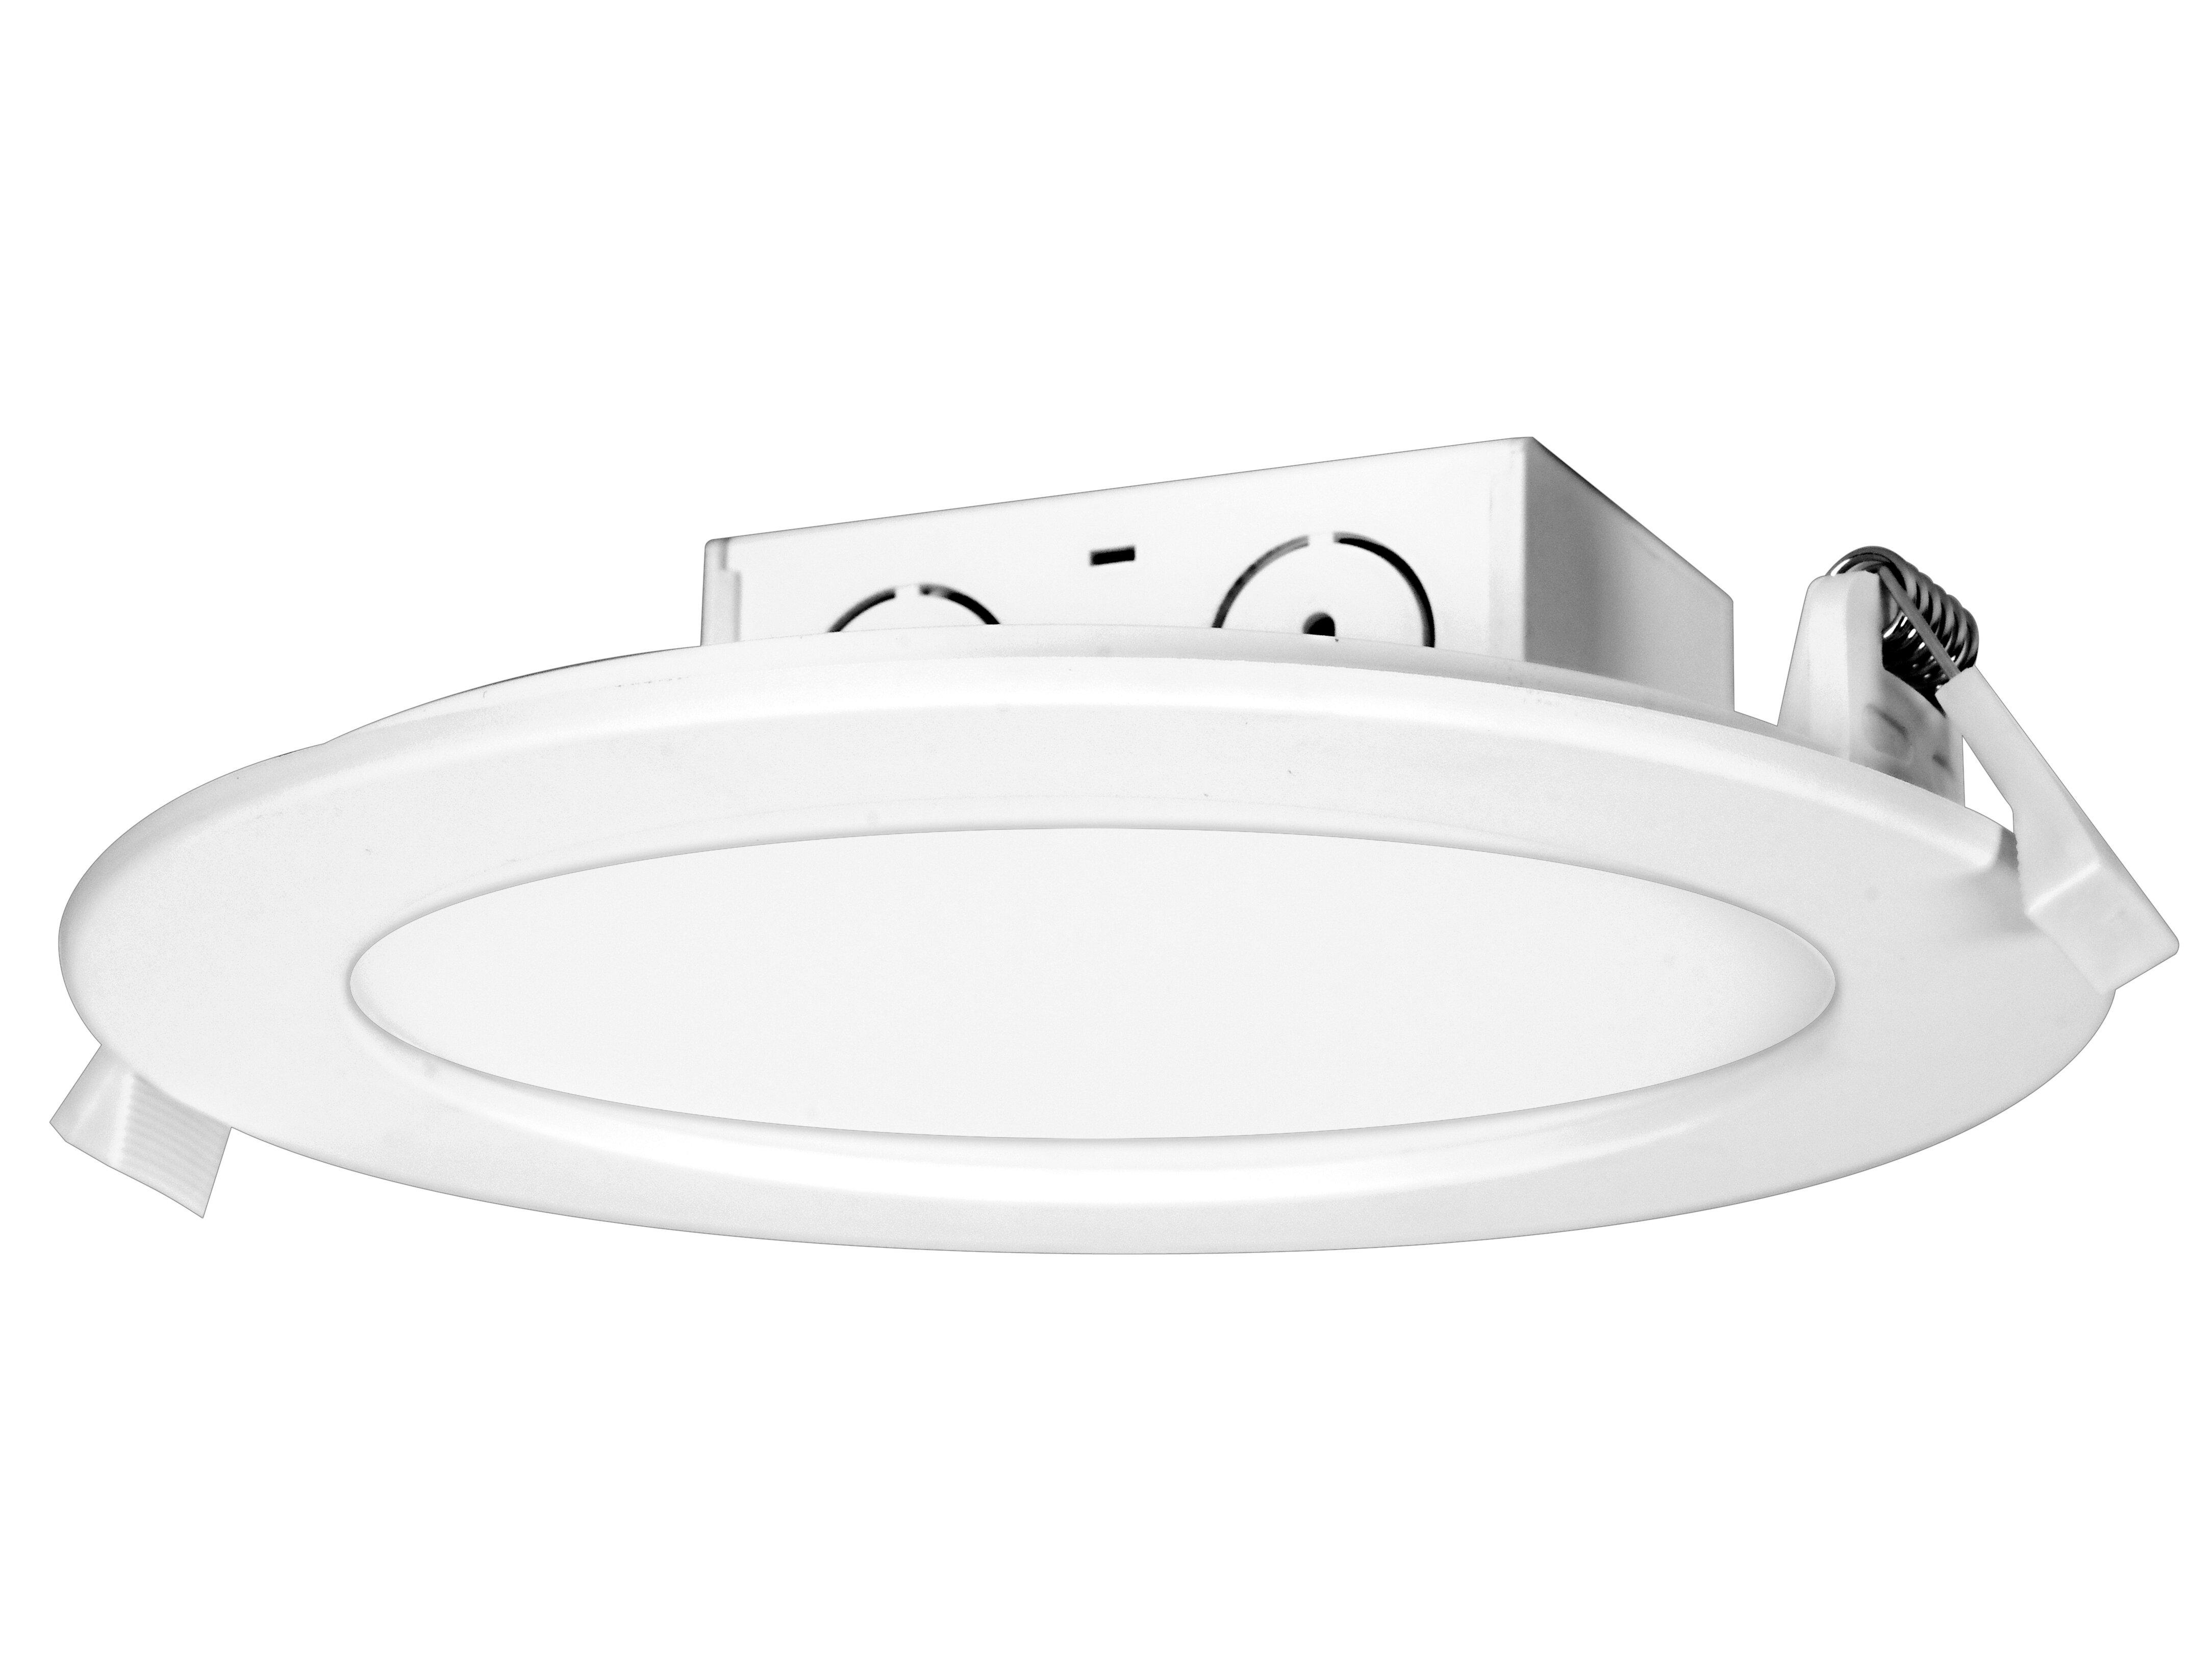 Satco 6 44 Remodel Led Retrofit Recessed Lighting Kit Wayfair